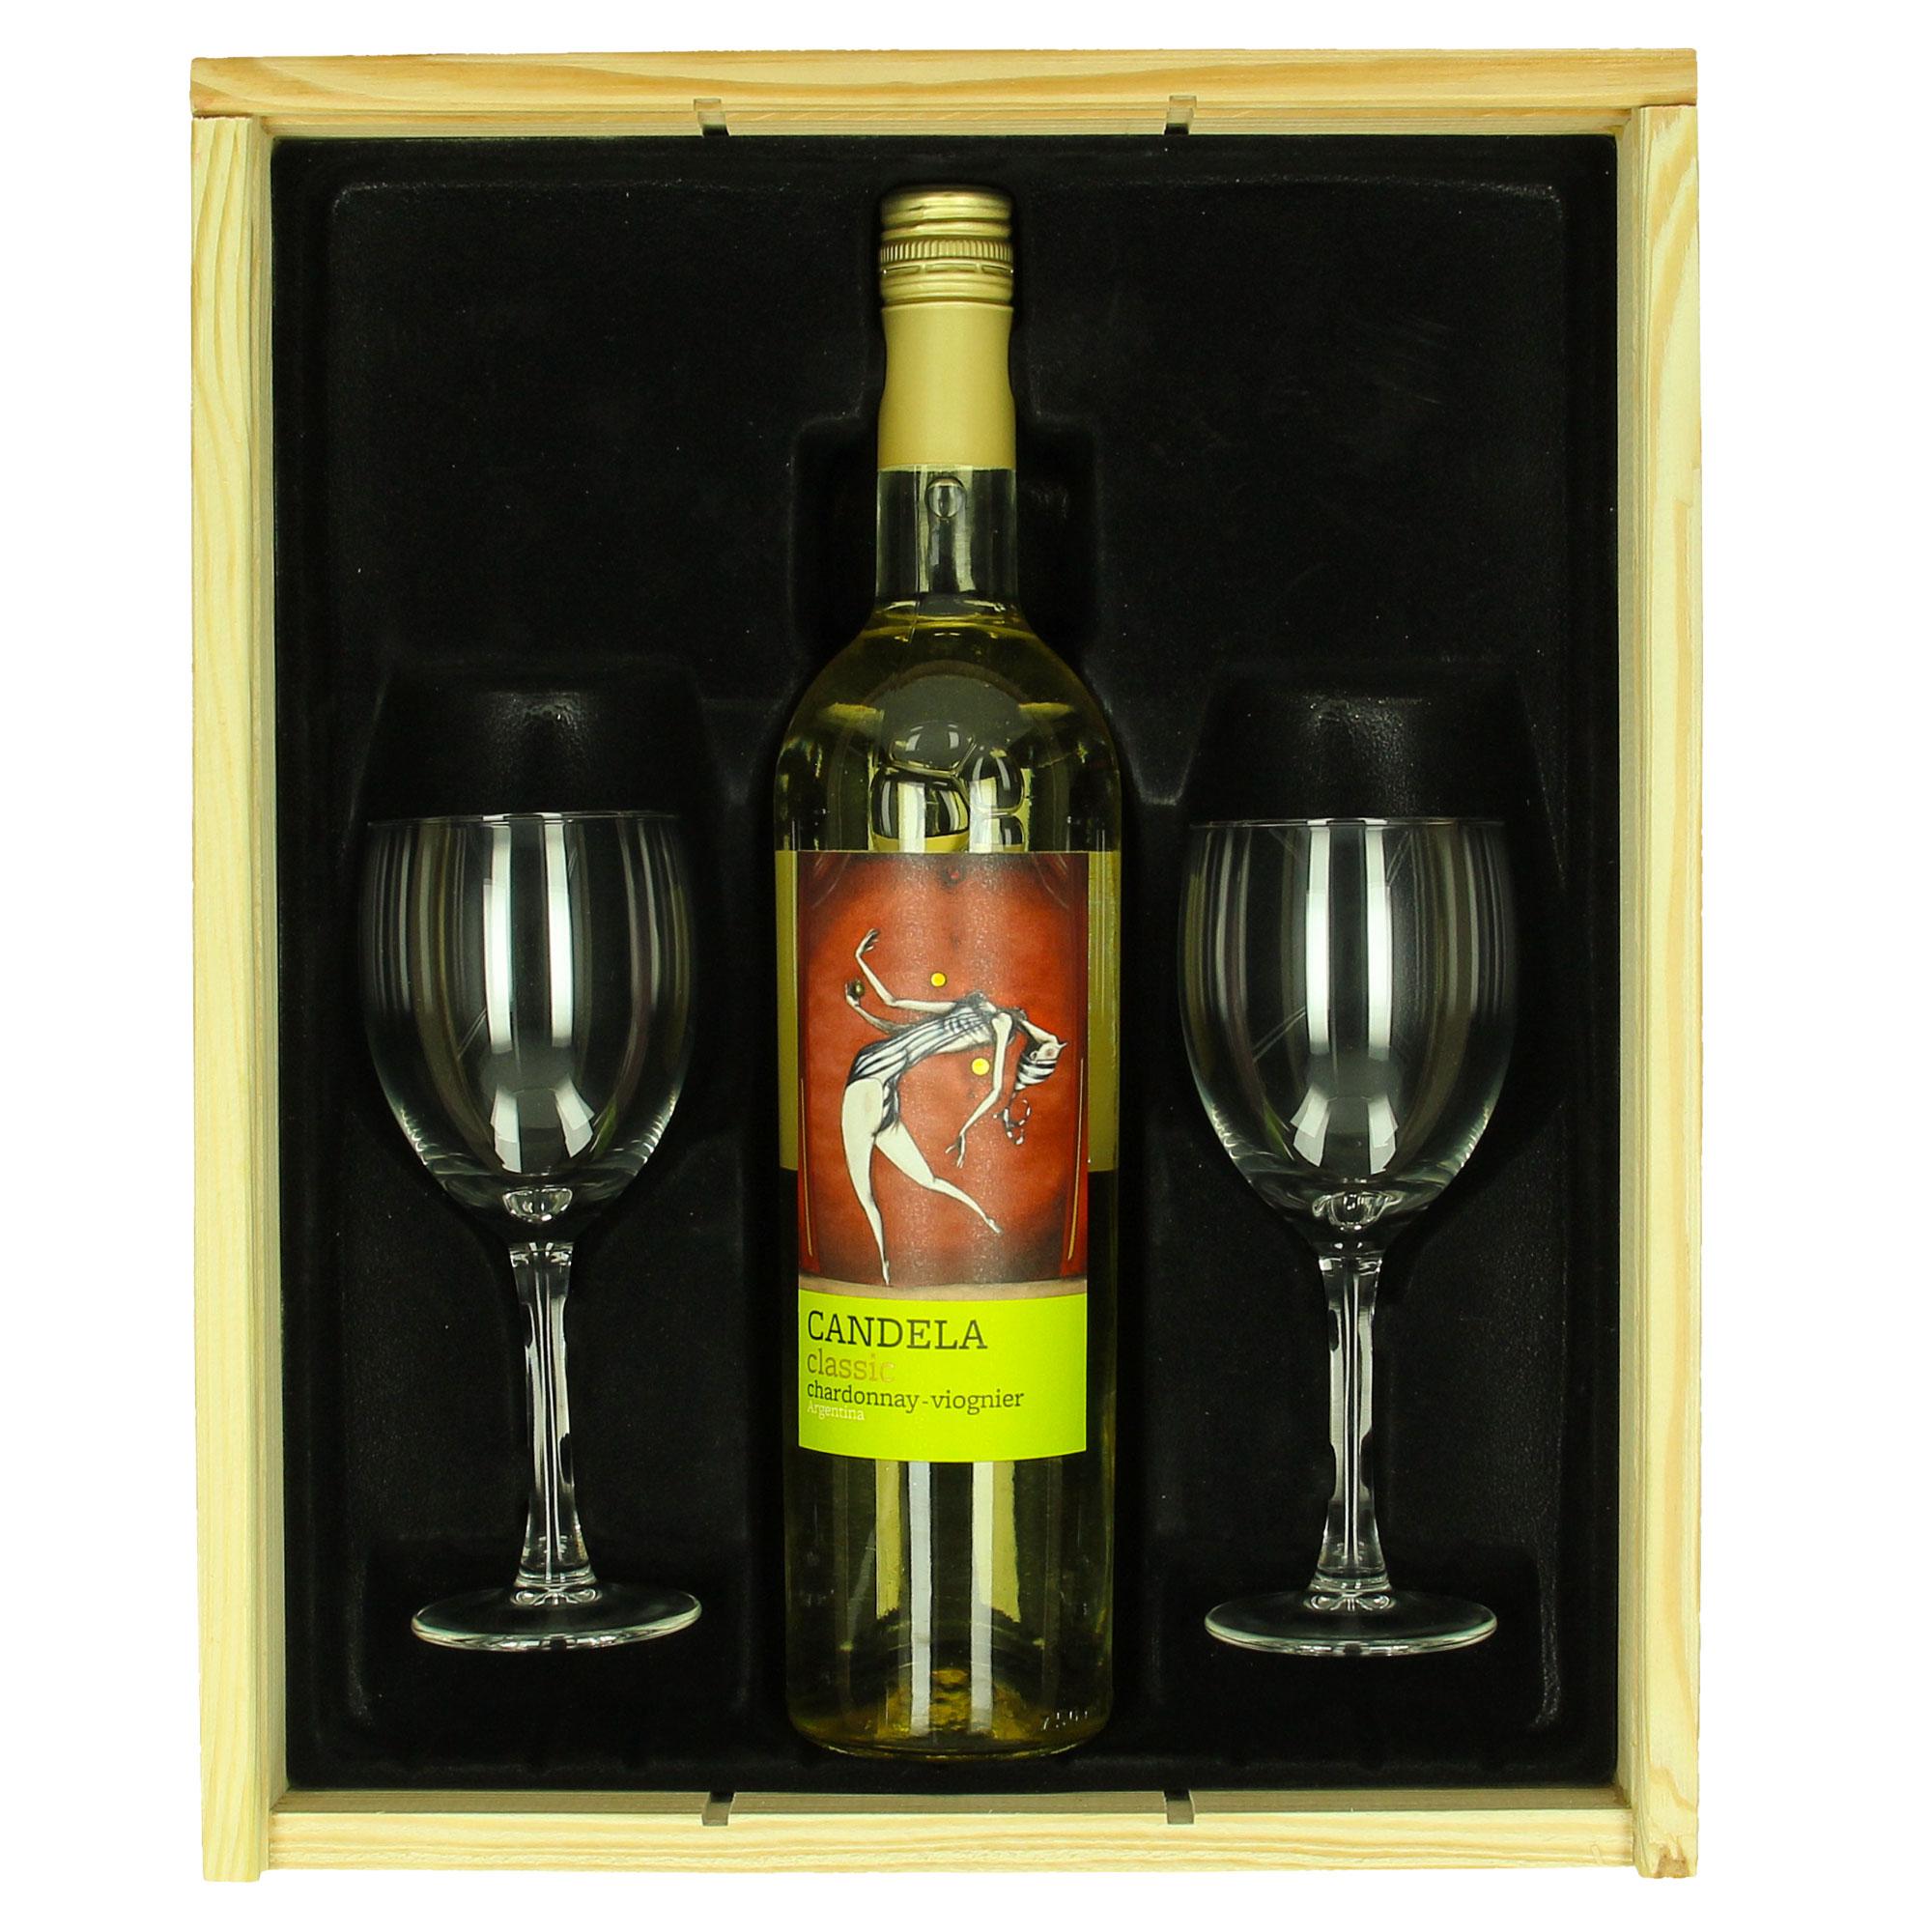 Coffret de vin Candela Chardonnay / Viognier + verres personnalisés